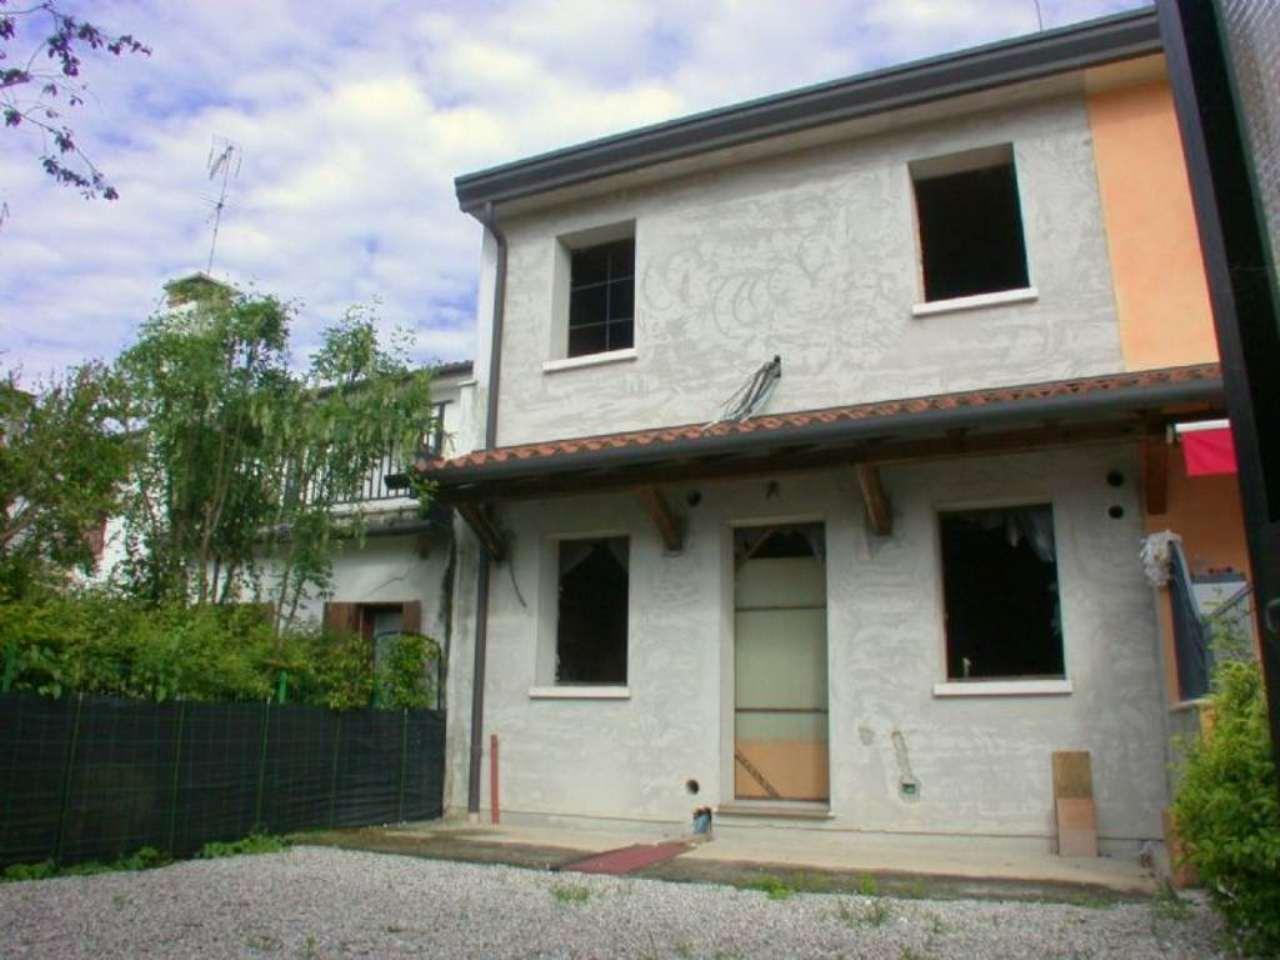 Soluzione Semindipendente in vendita a Monastier di Treviso, 8 locali, prezzo € 100.000 | Cambio Casa.it